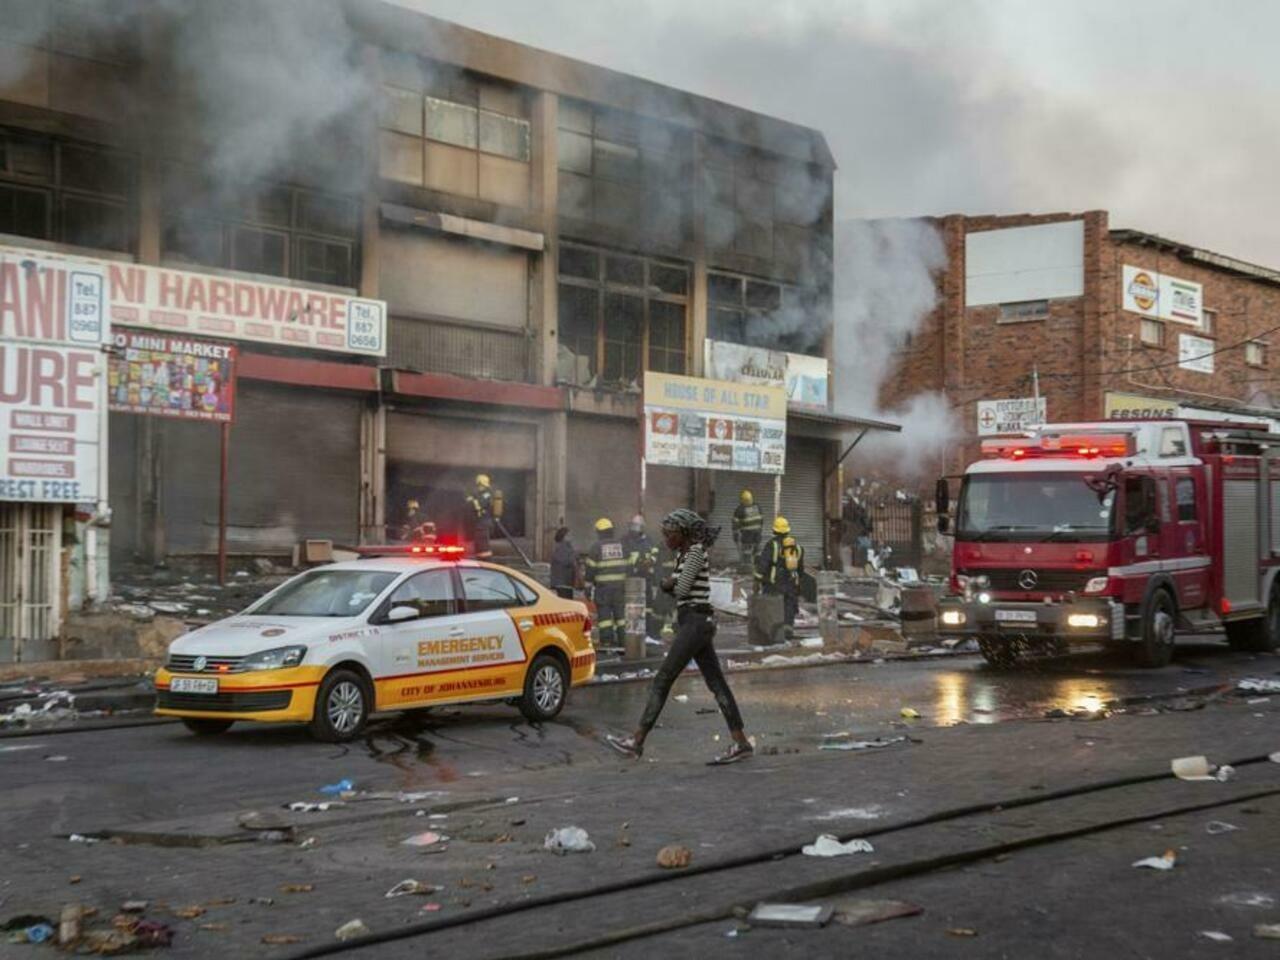 VIOLENCIA Y SAQUEOS DEJAN MÁS DE 70 MUERTOS EN SUDÁFRICA